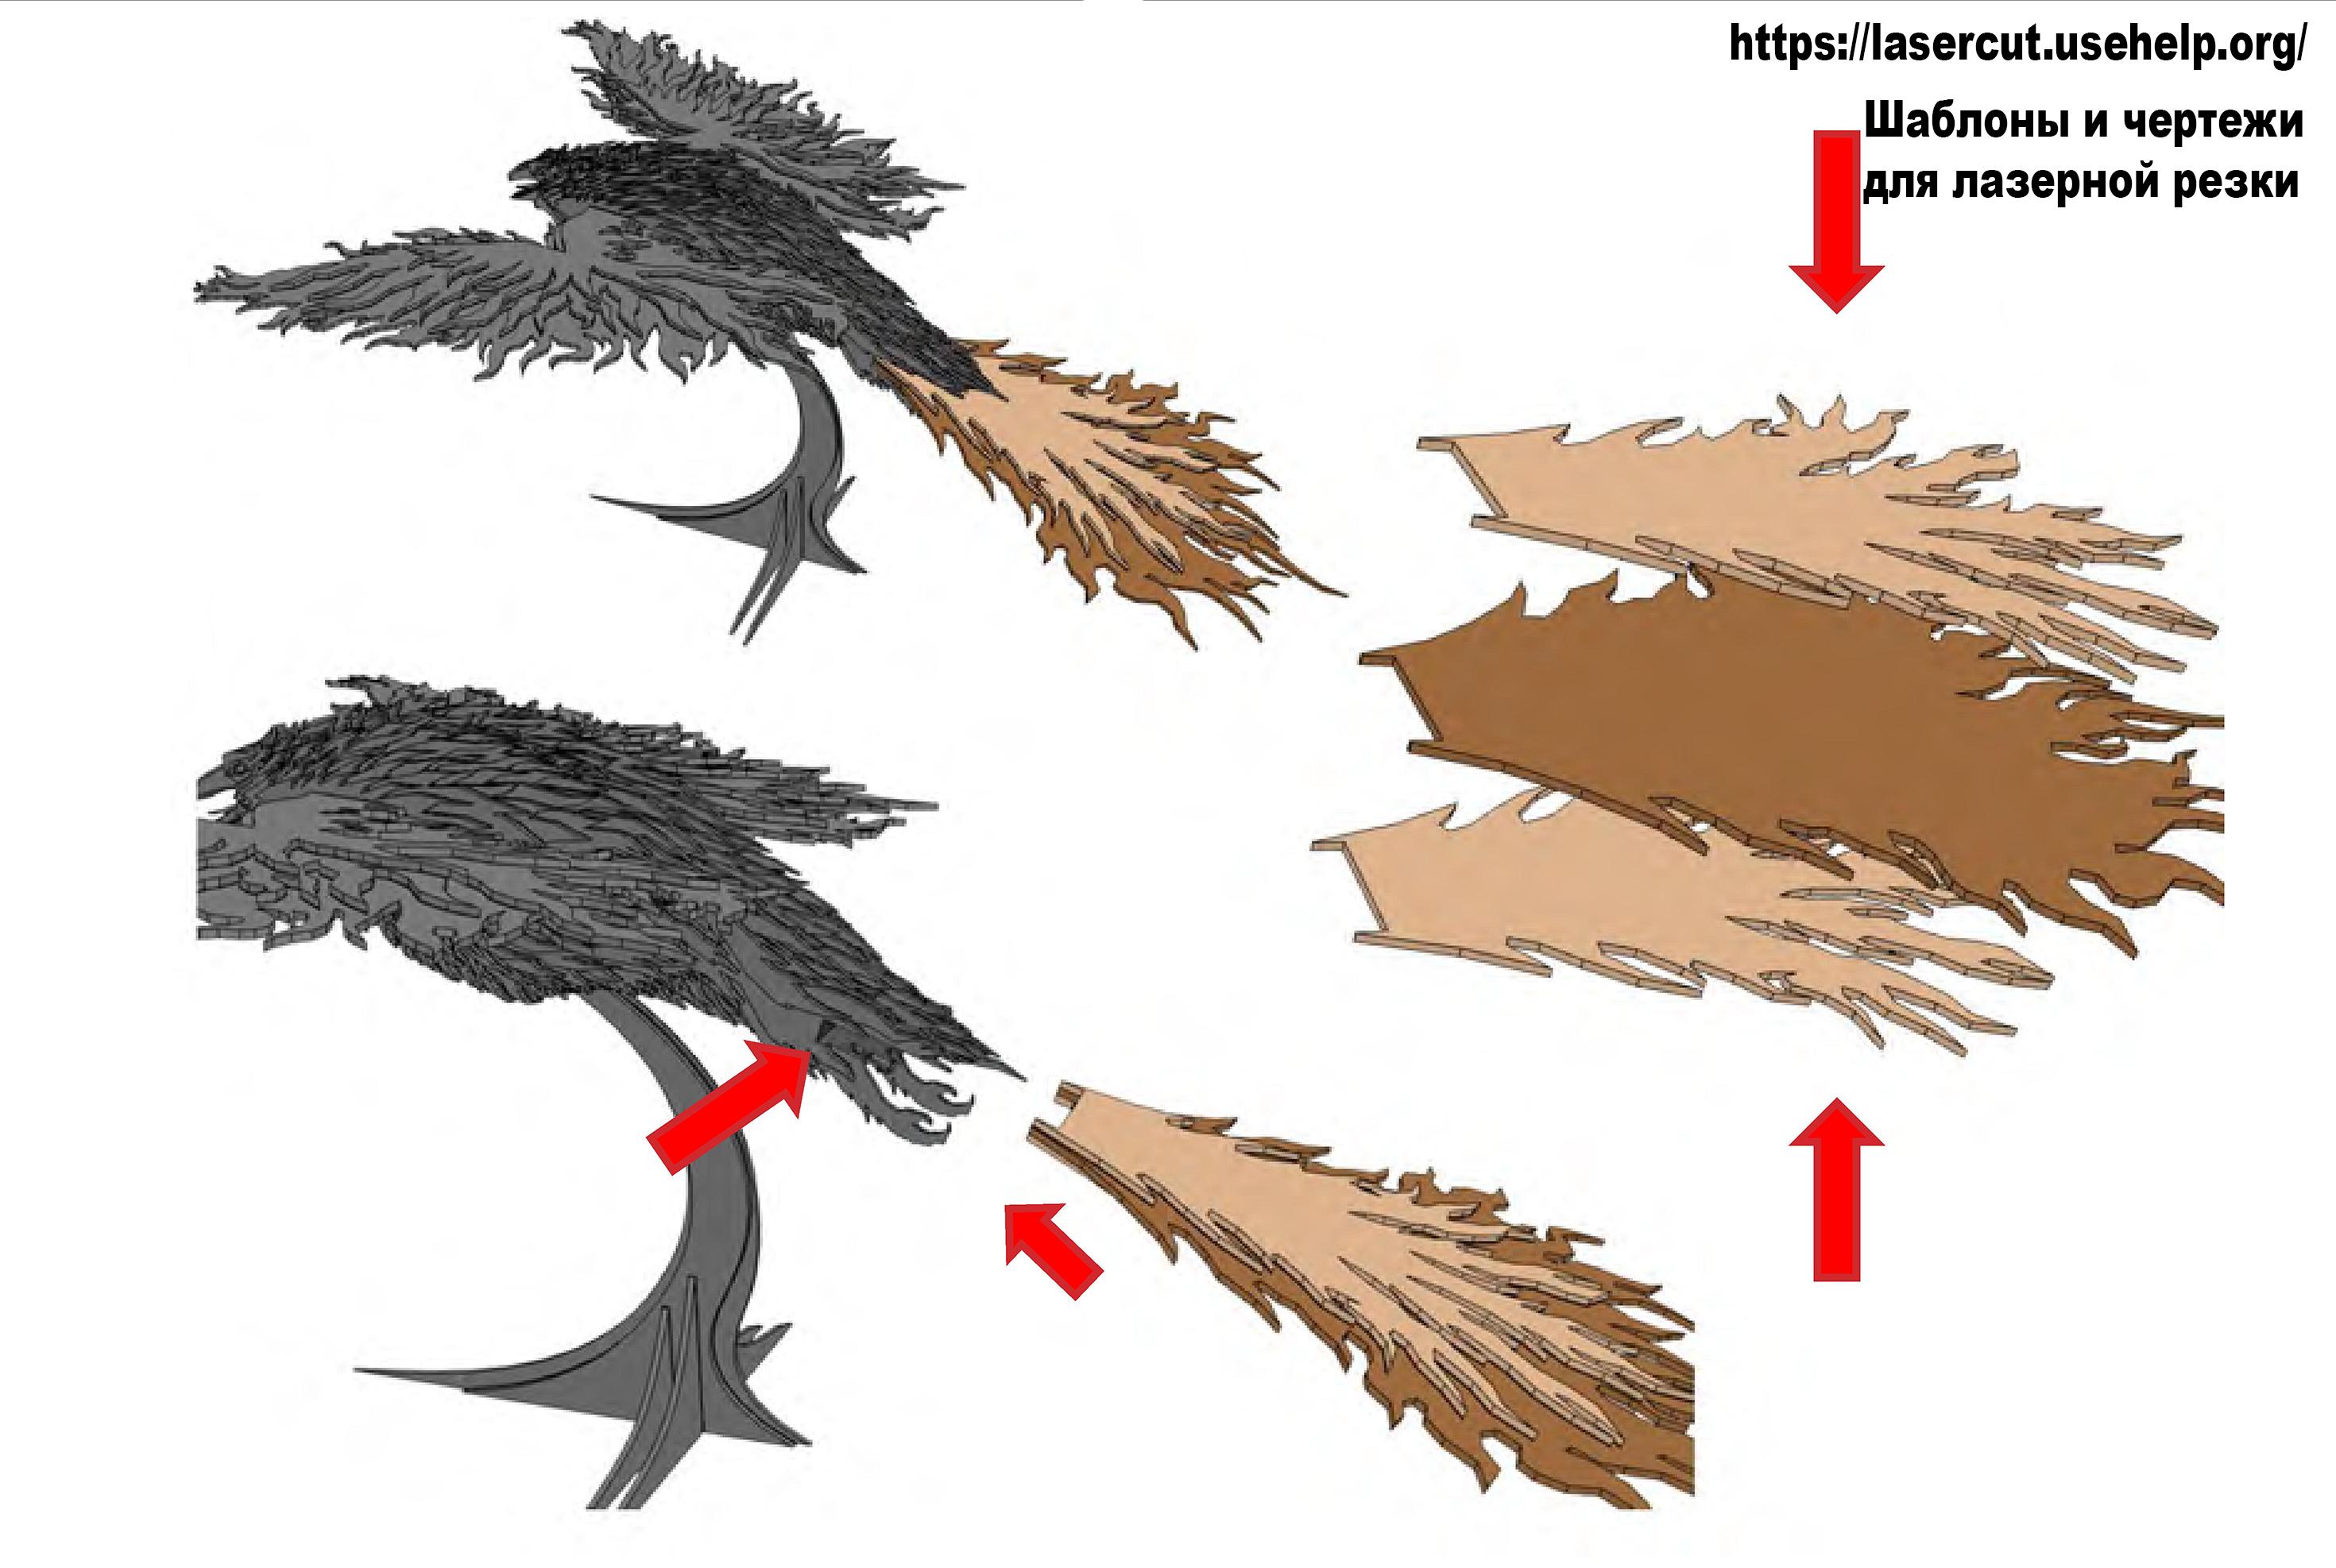 Инструкция по сборке феникса для лазерной резки